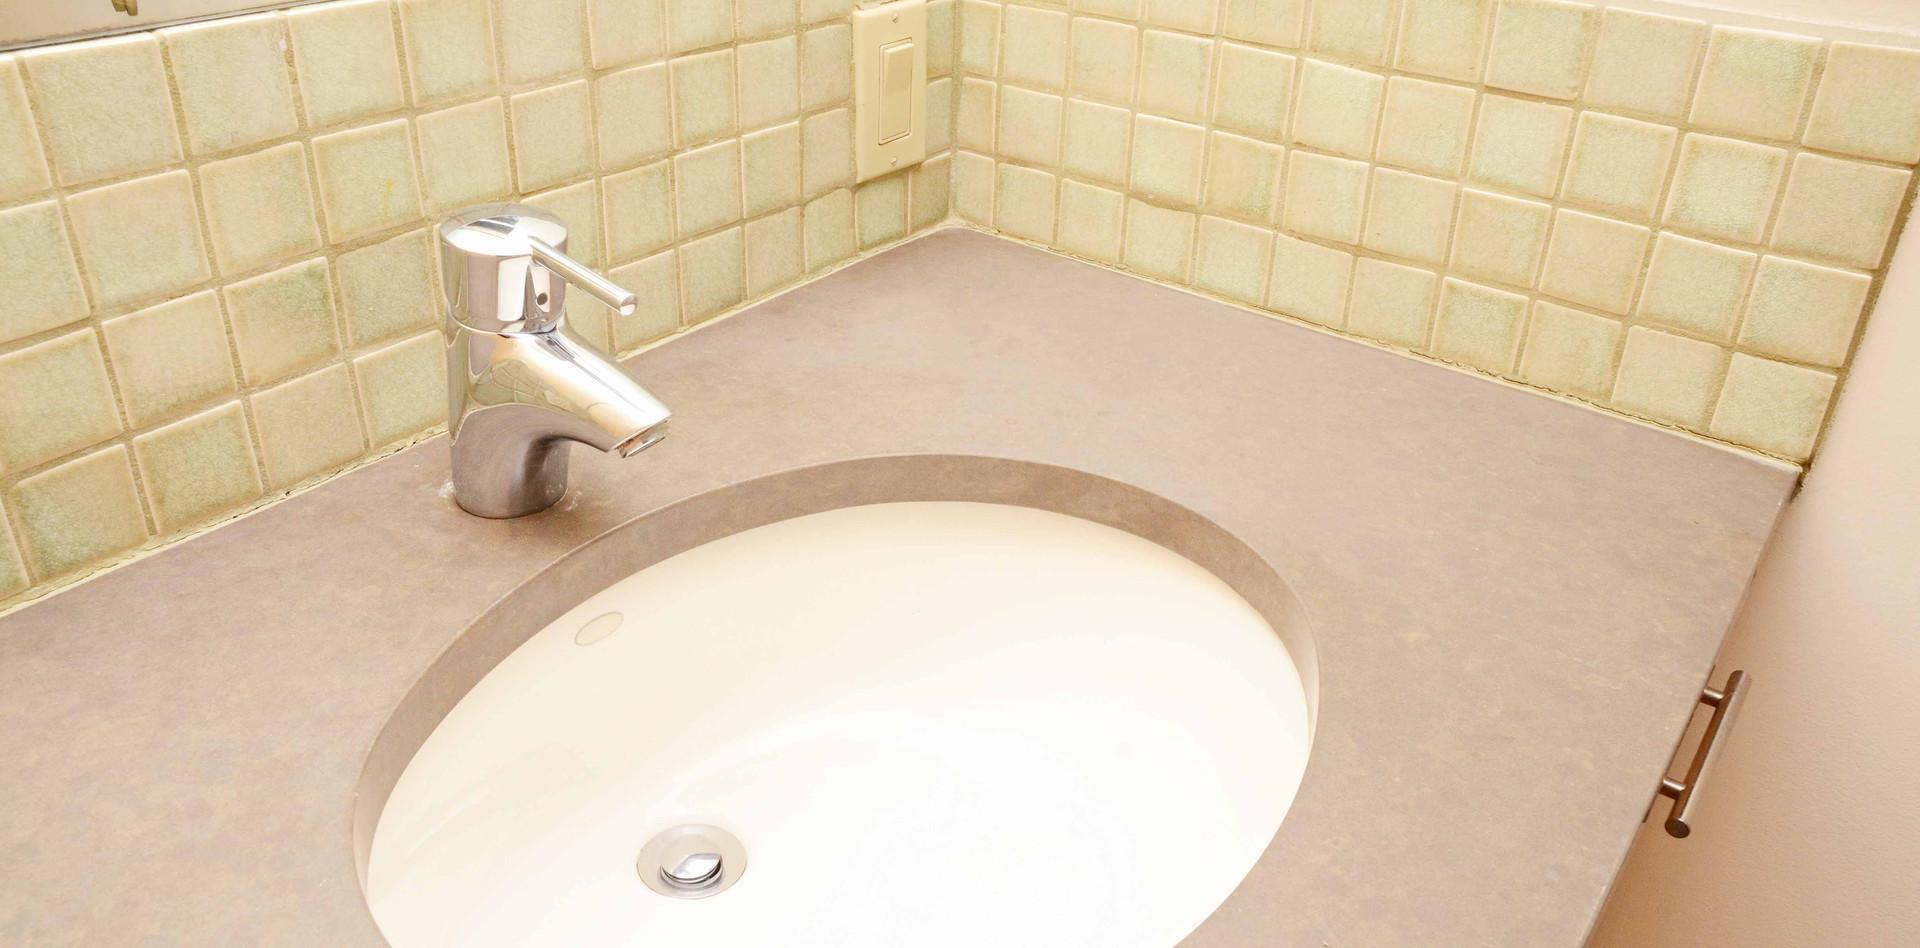 bathroom_sink.jpg